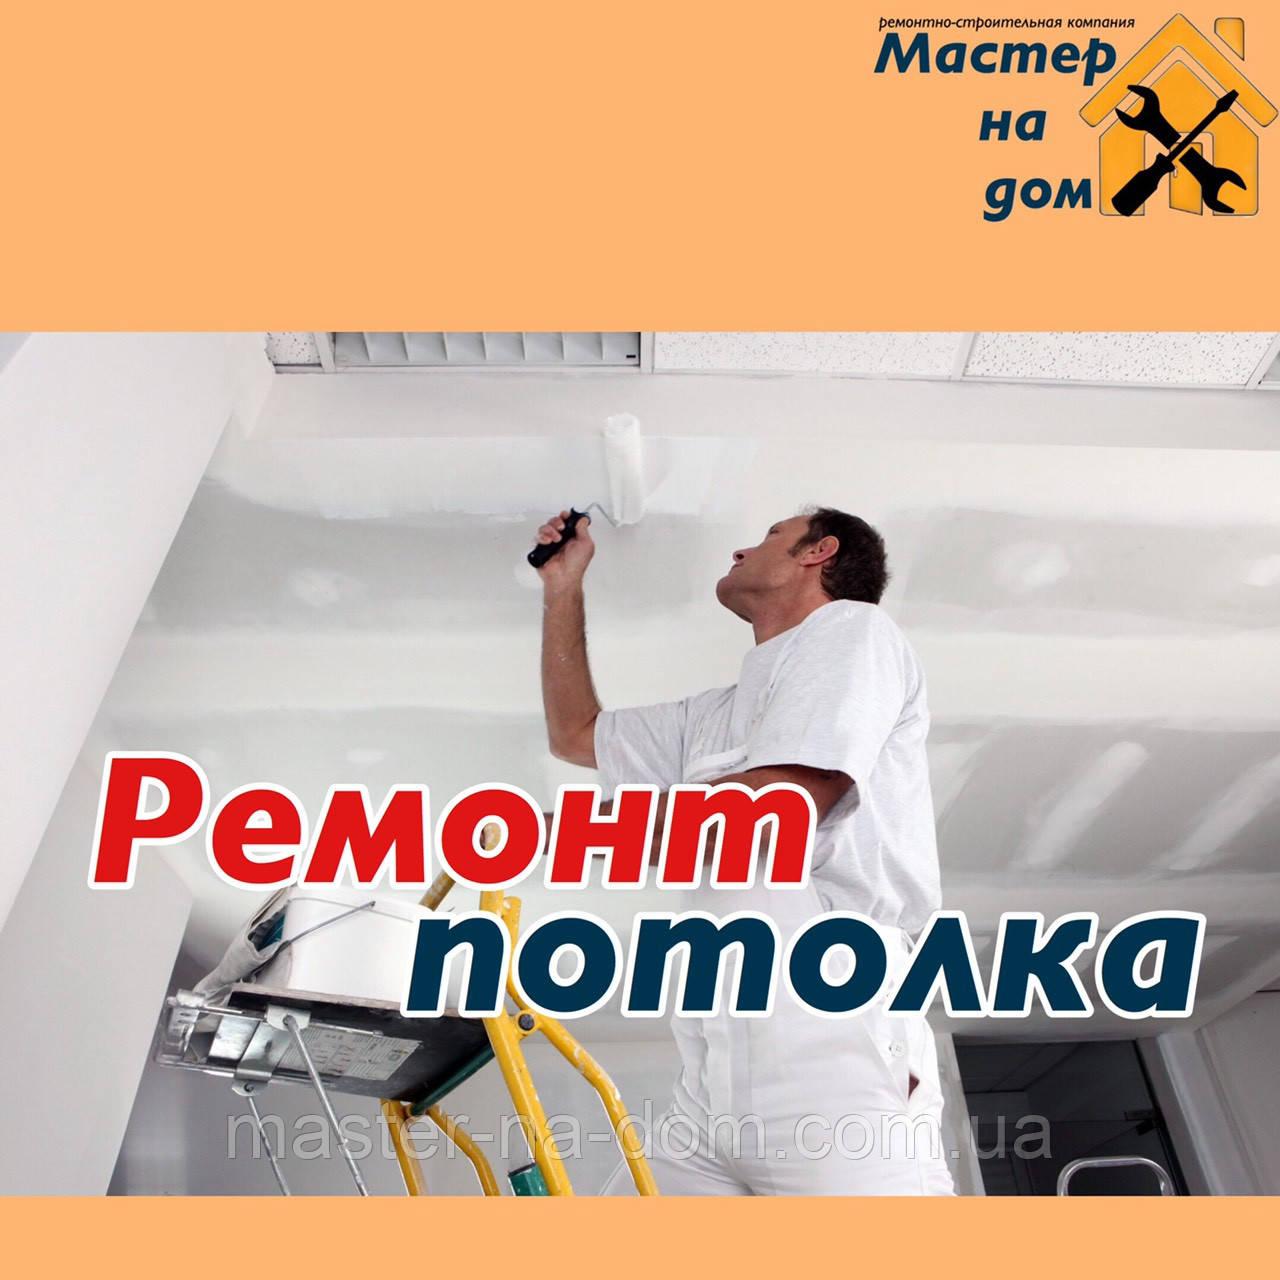 Ремонт потолка в Днепре